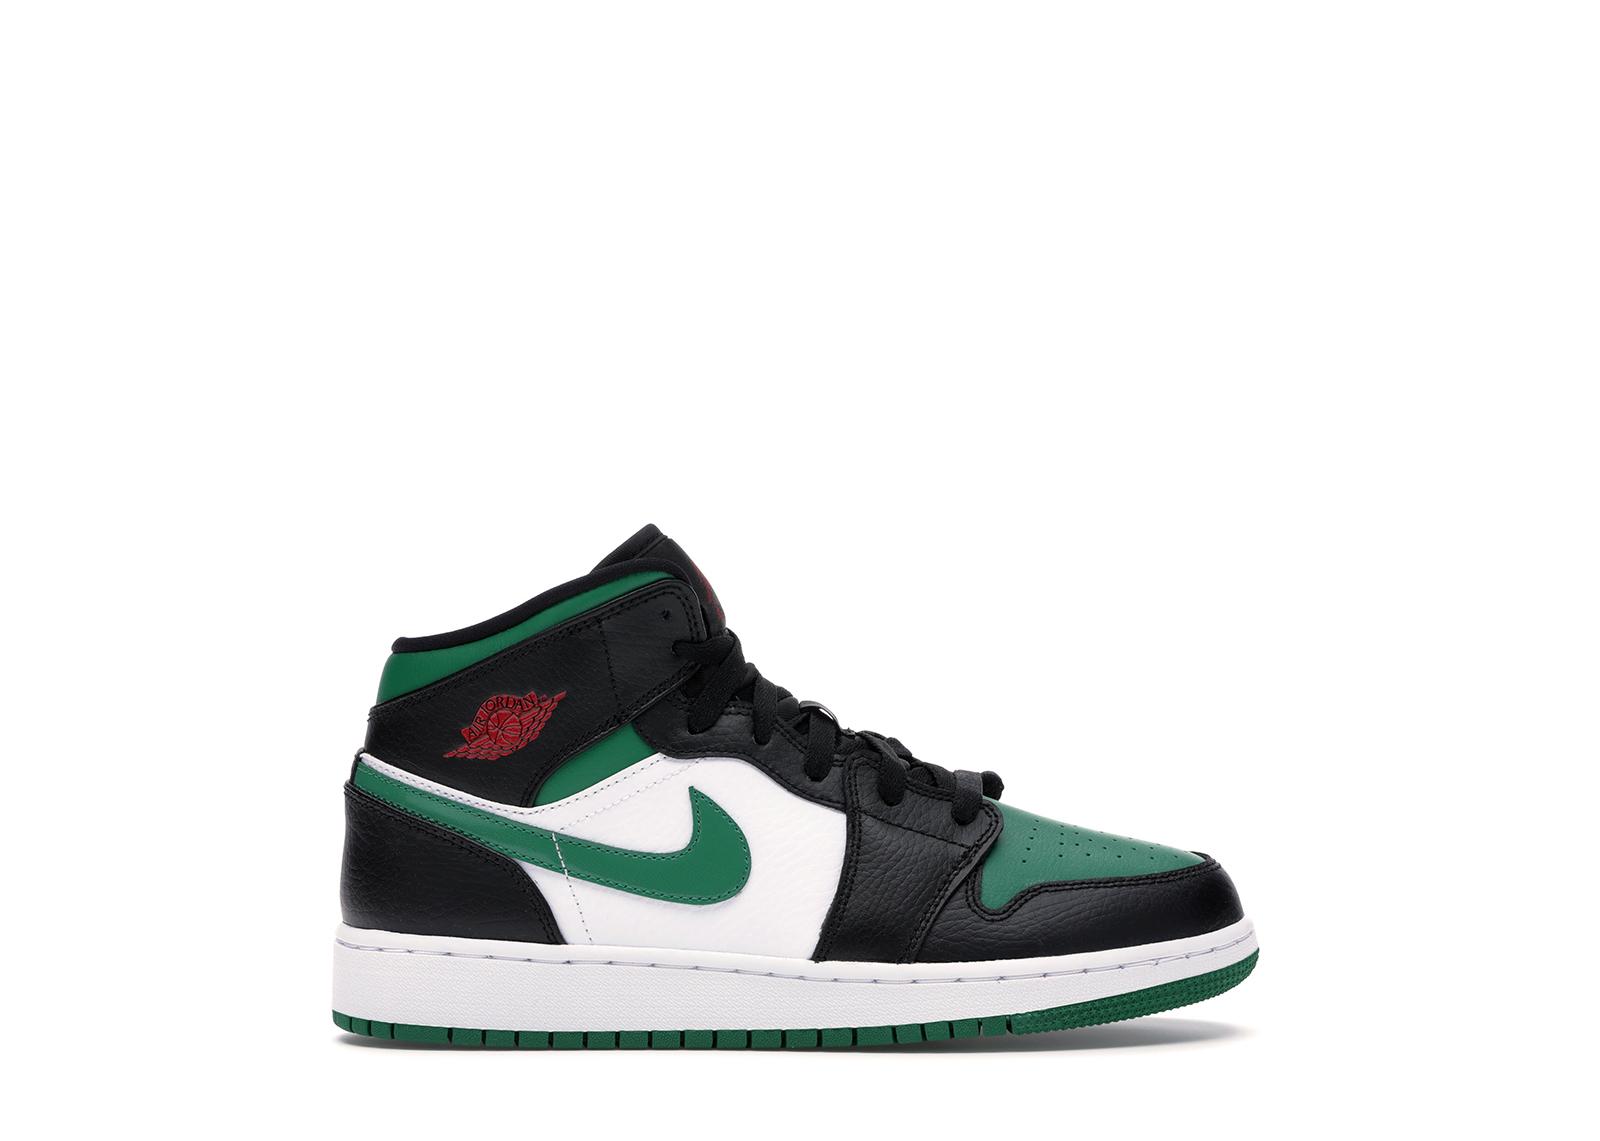 Jordan 1 Mid Green Toe (GS)